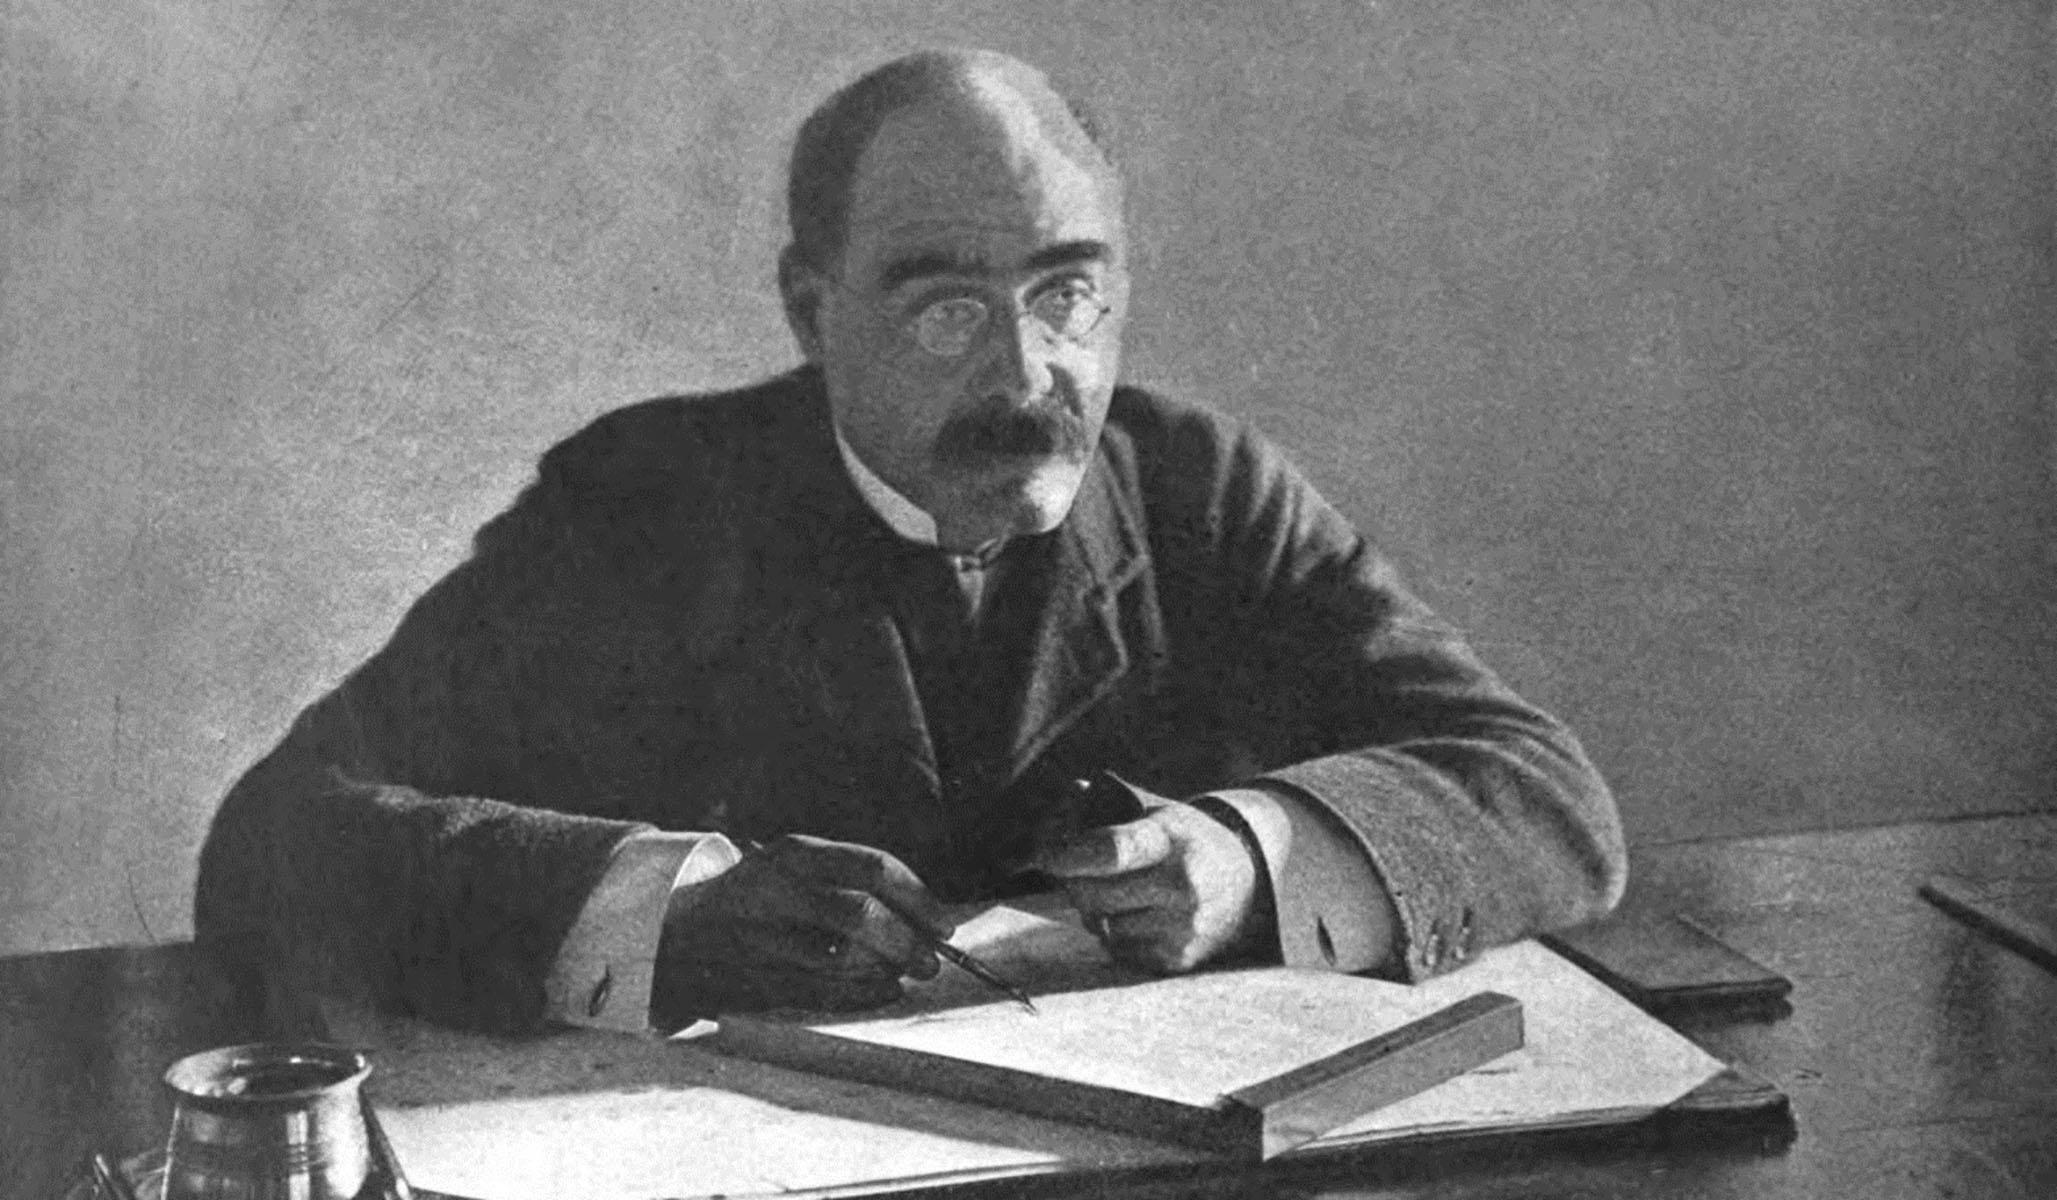 Rudyard Kipling's American Years